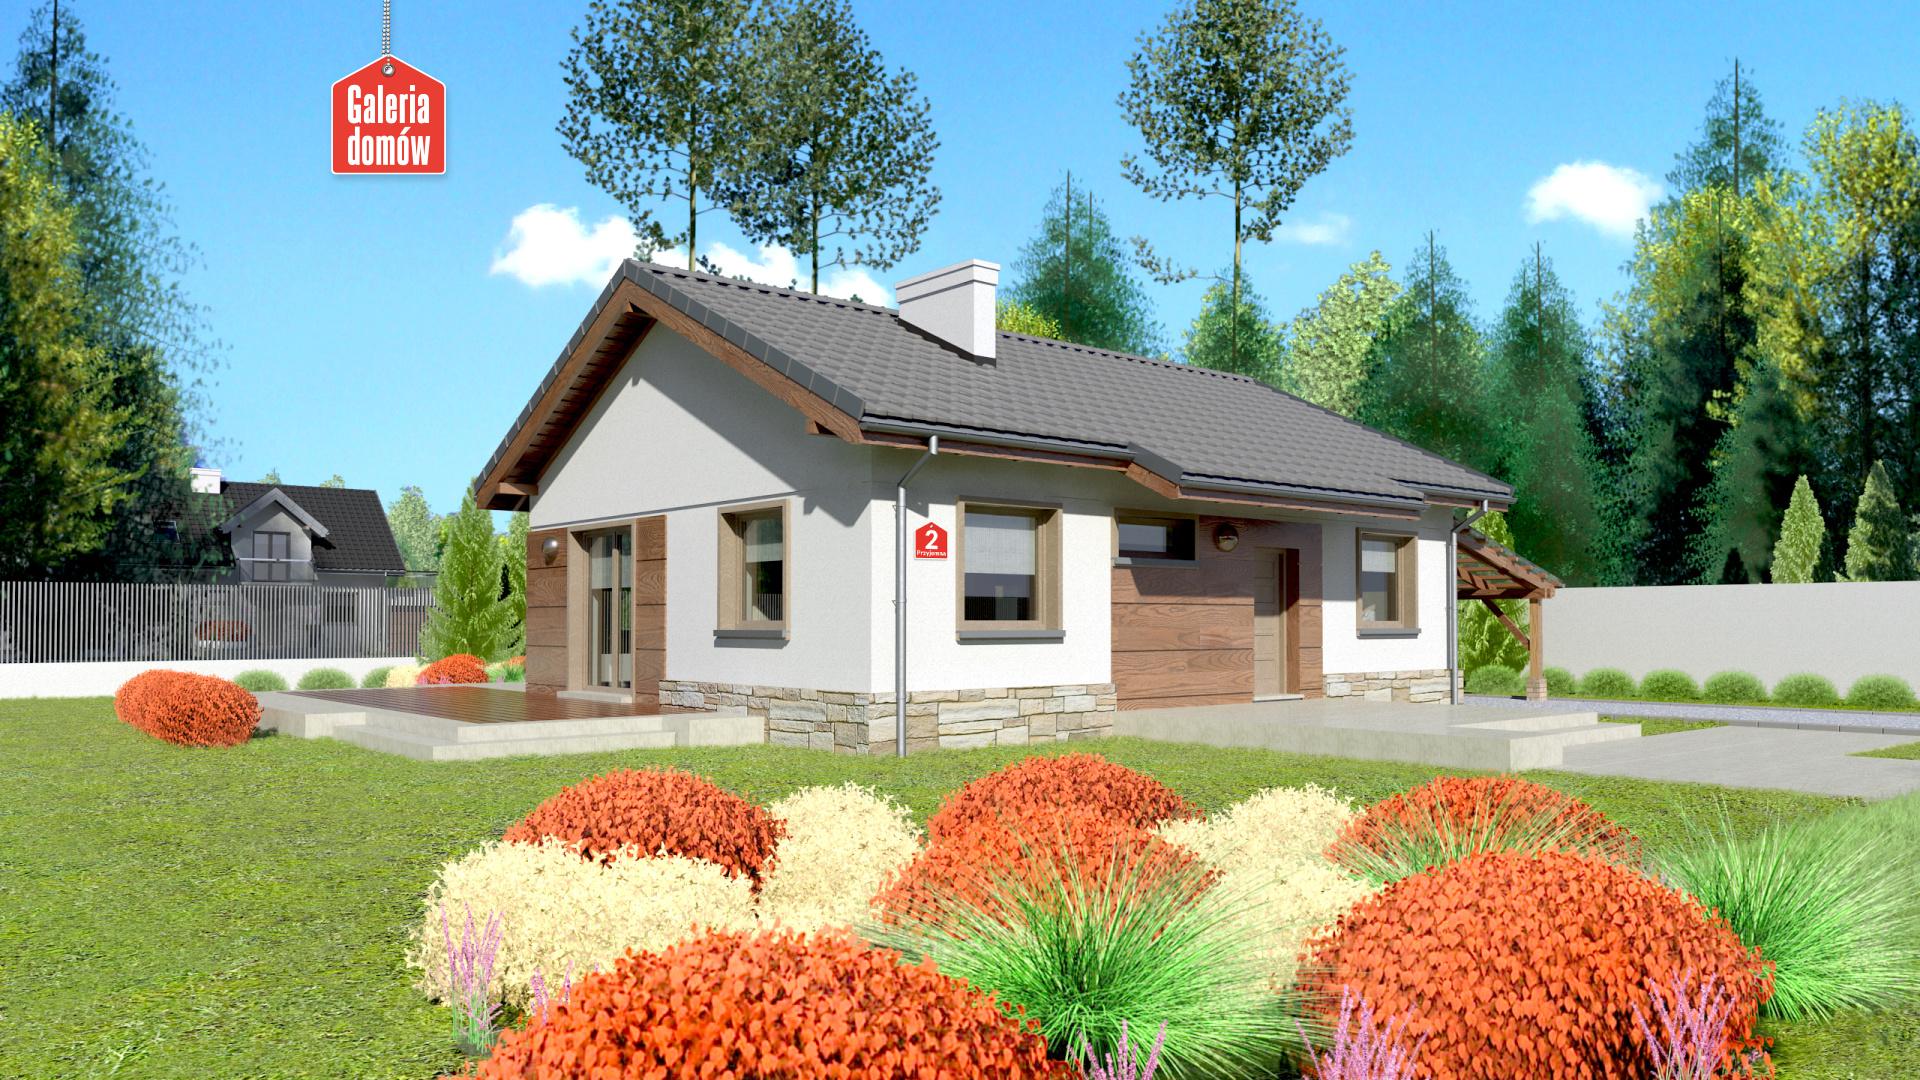 Dom przy Przyjemnej 2 - zdjęcie projektu i wizualizacja